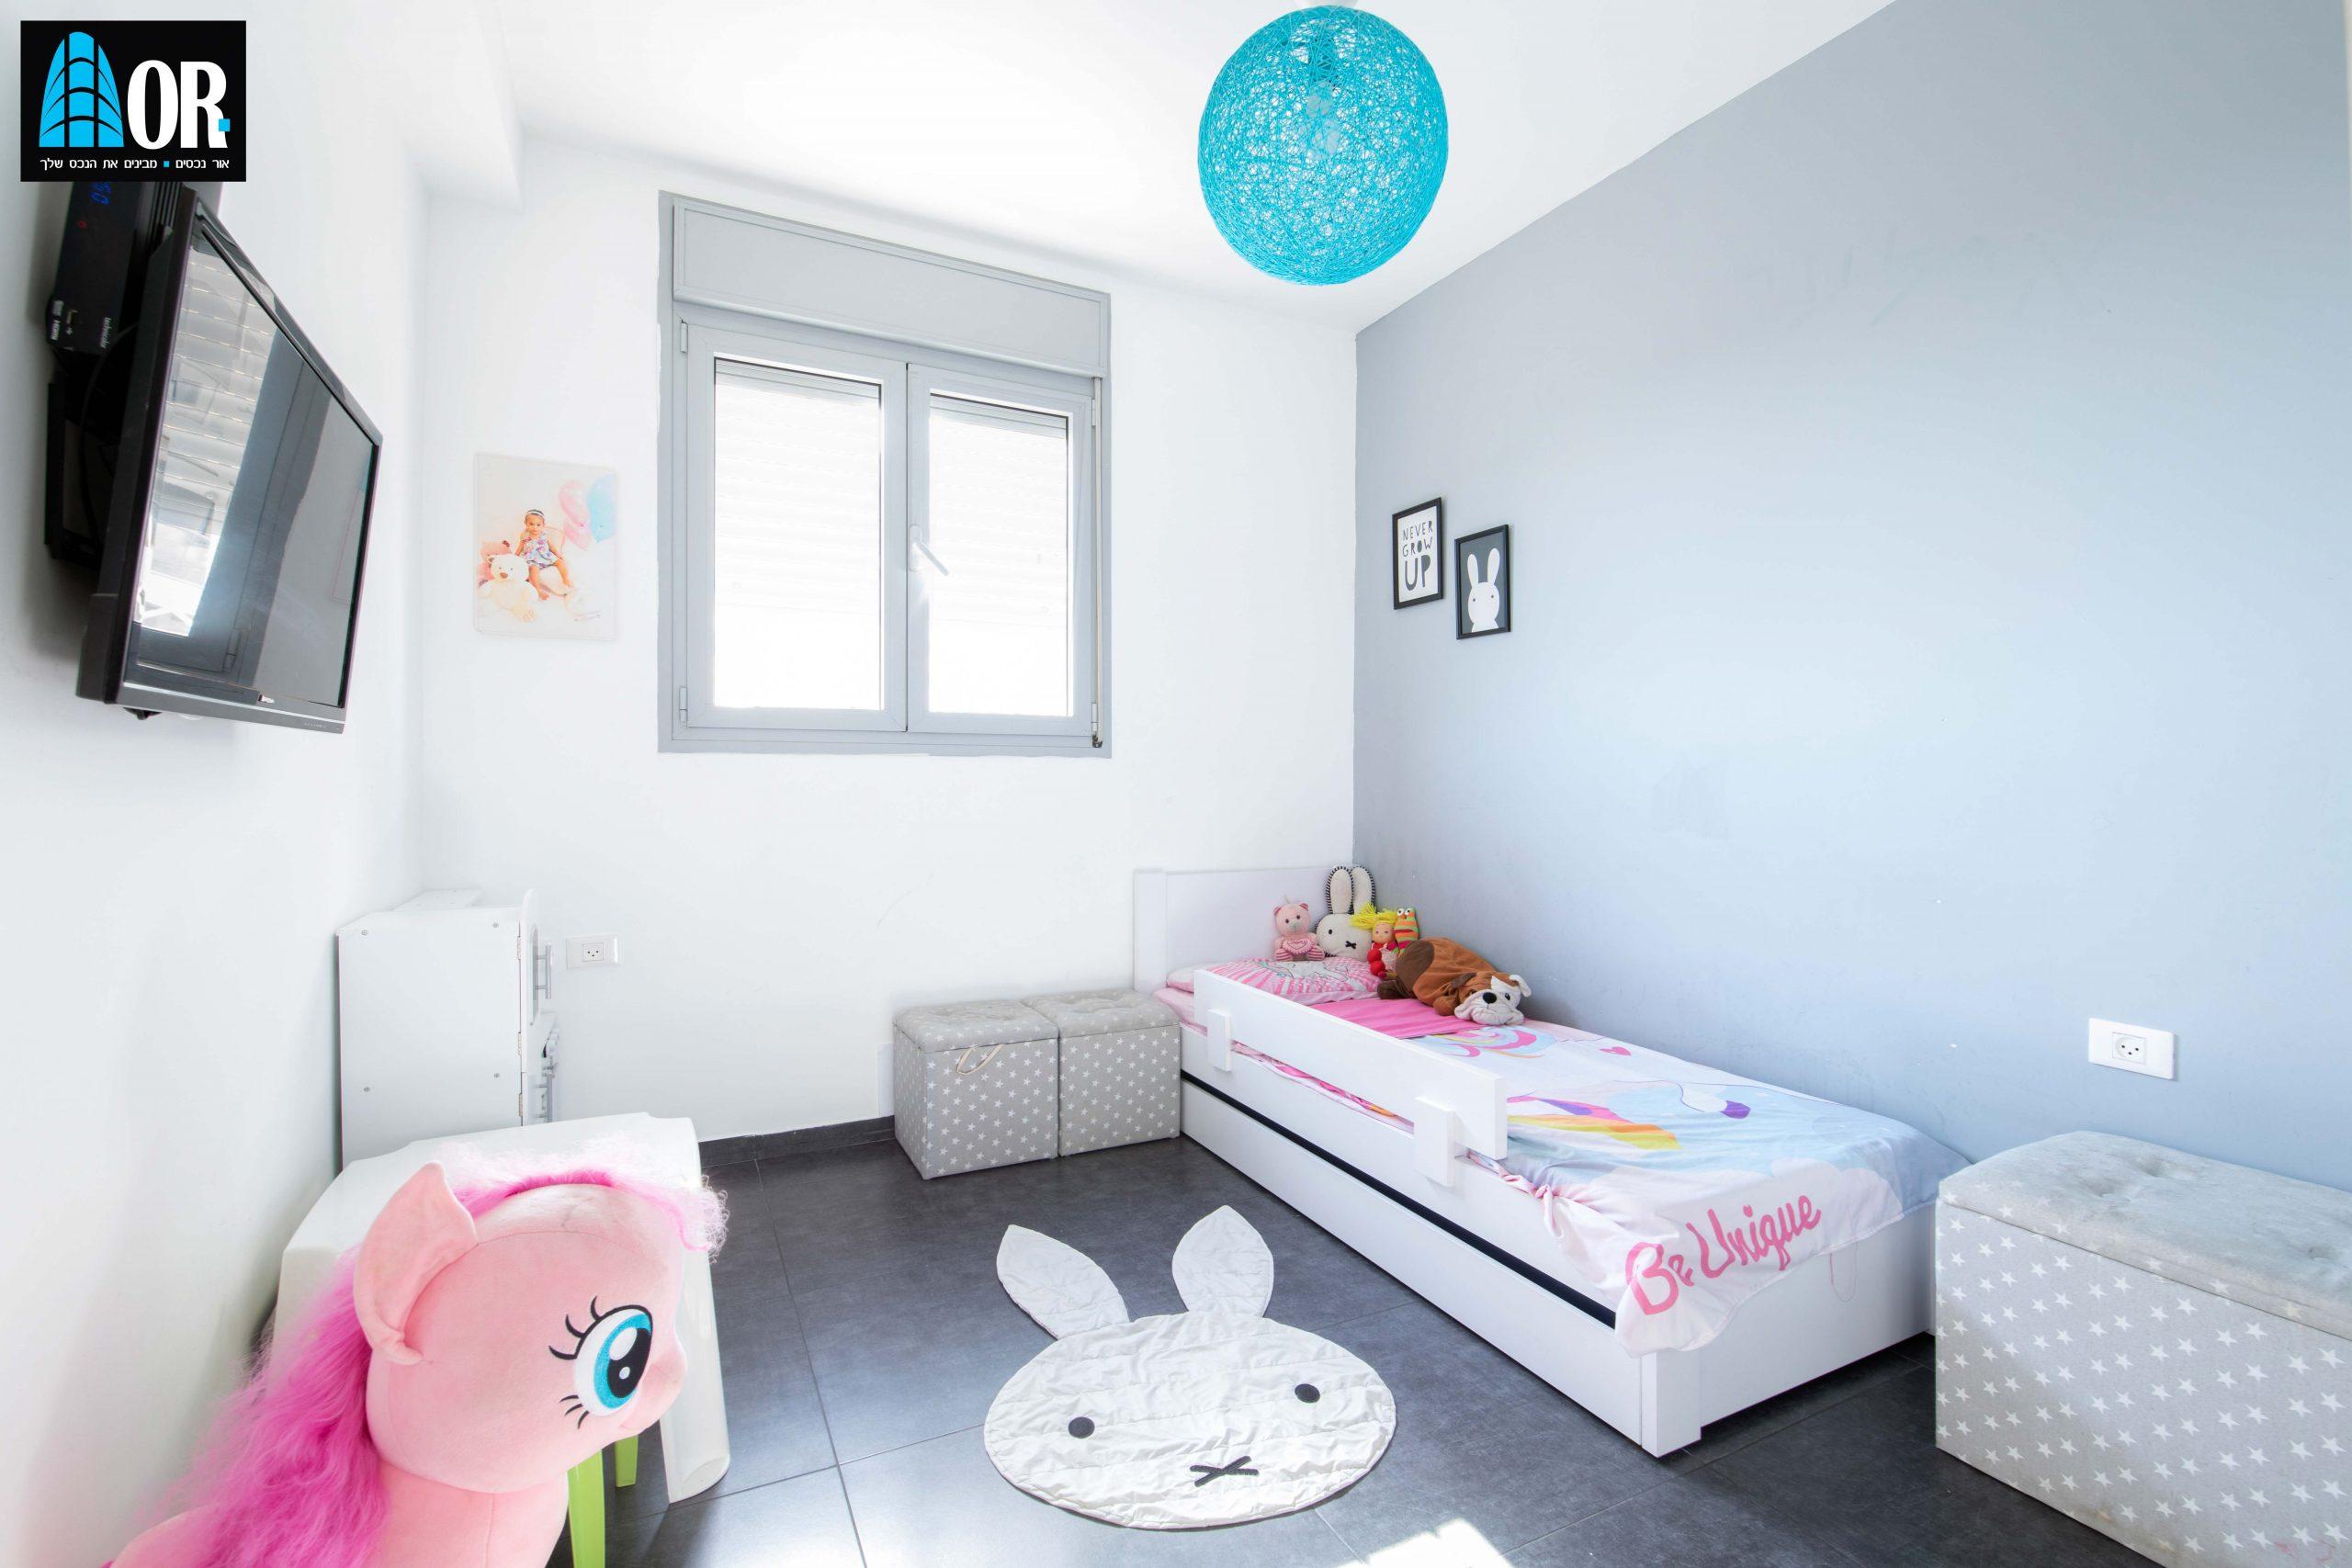 חדר ילדים דירה 4 חדרים, שכונה פארק המושבה